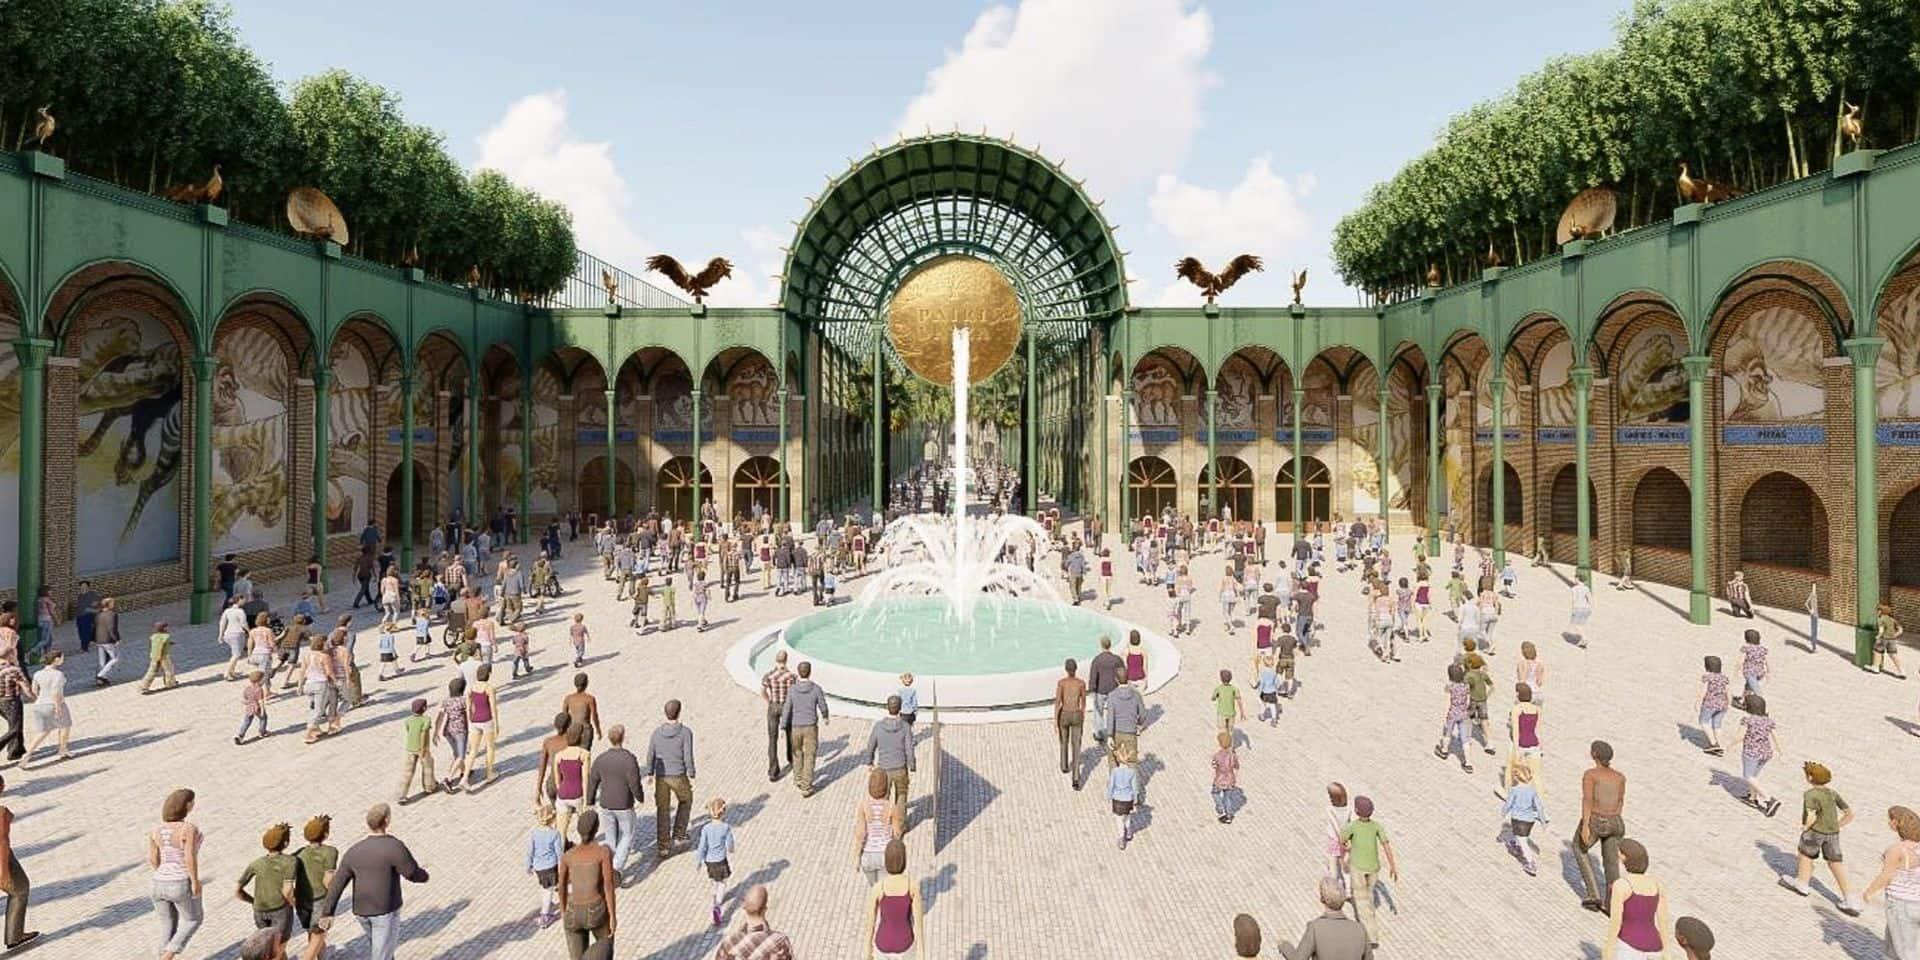 Voici à quoi ressemblera la Main Street, nom donné à la future entrée du parc Pairi Daiza qui invitera les visiteurs à traverser une immense verrière longue d'une centaine de mètres.